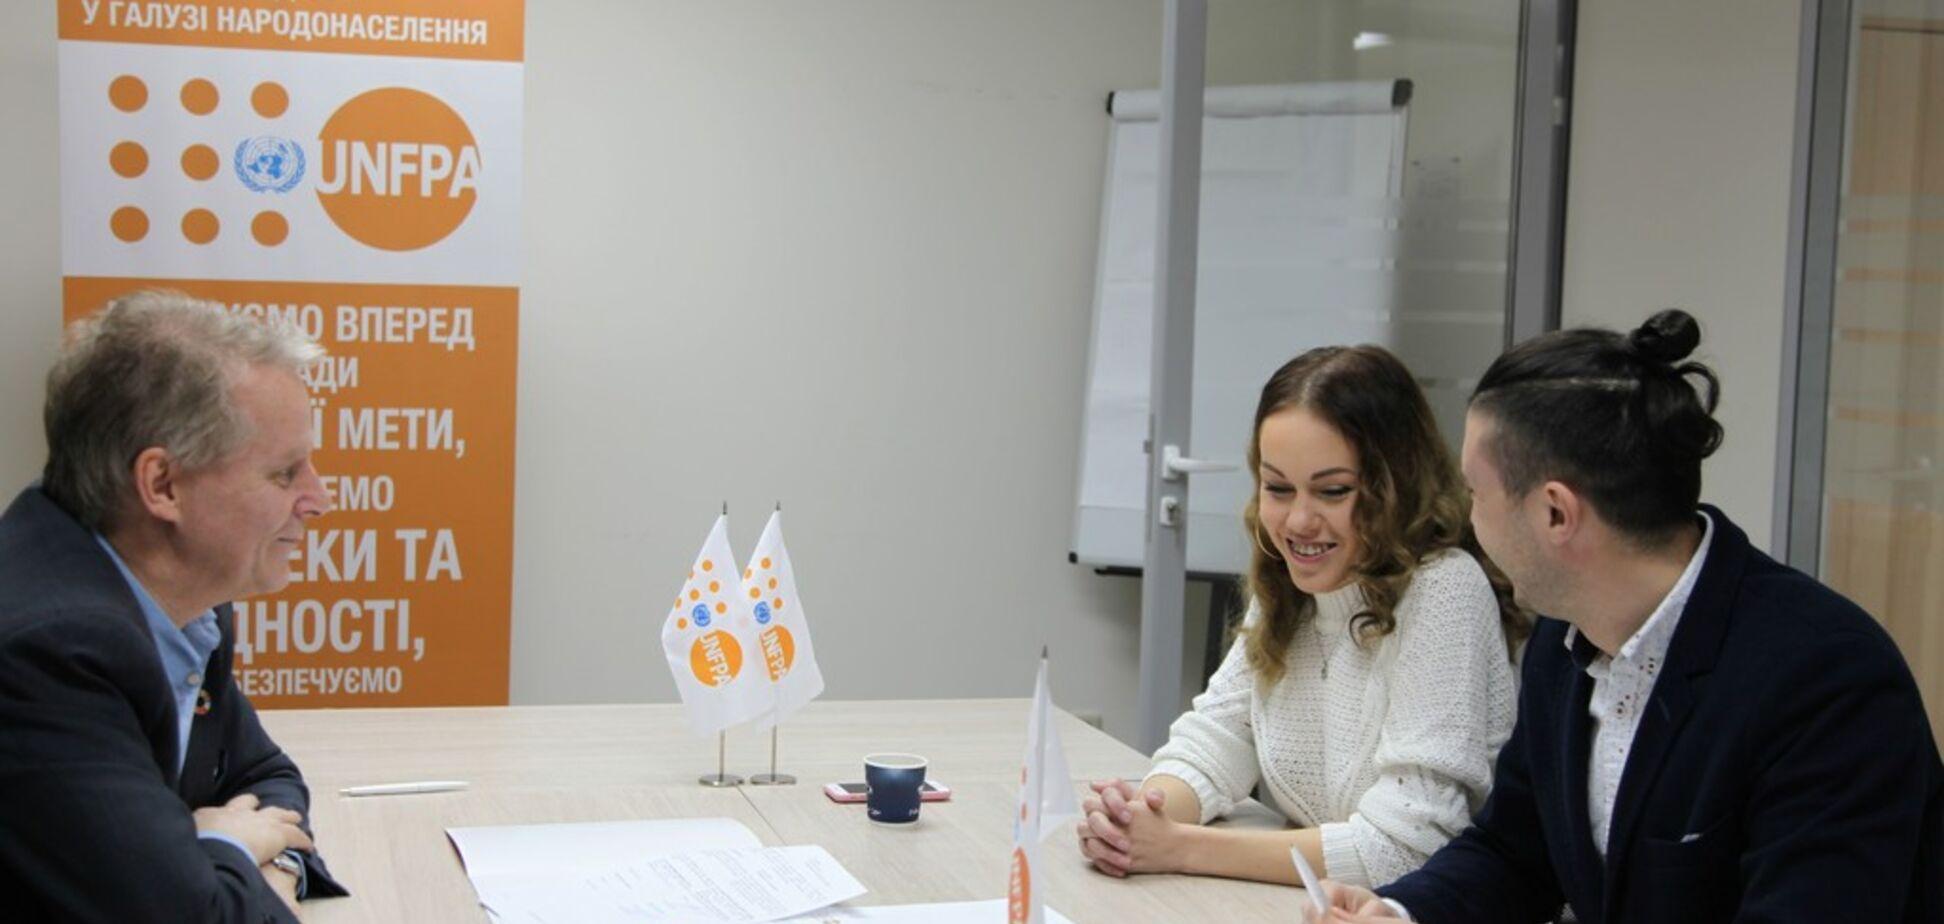 Семья Alyosha и Тараса Тополи стали друзьями Фонда ООН